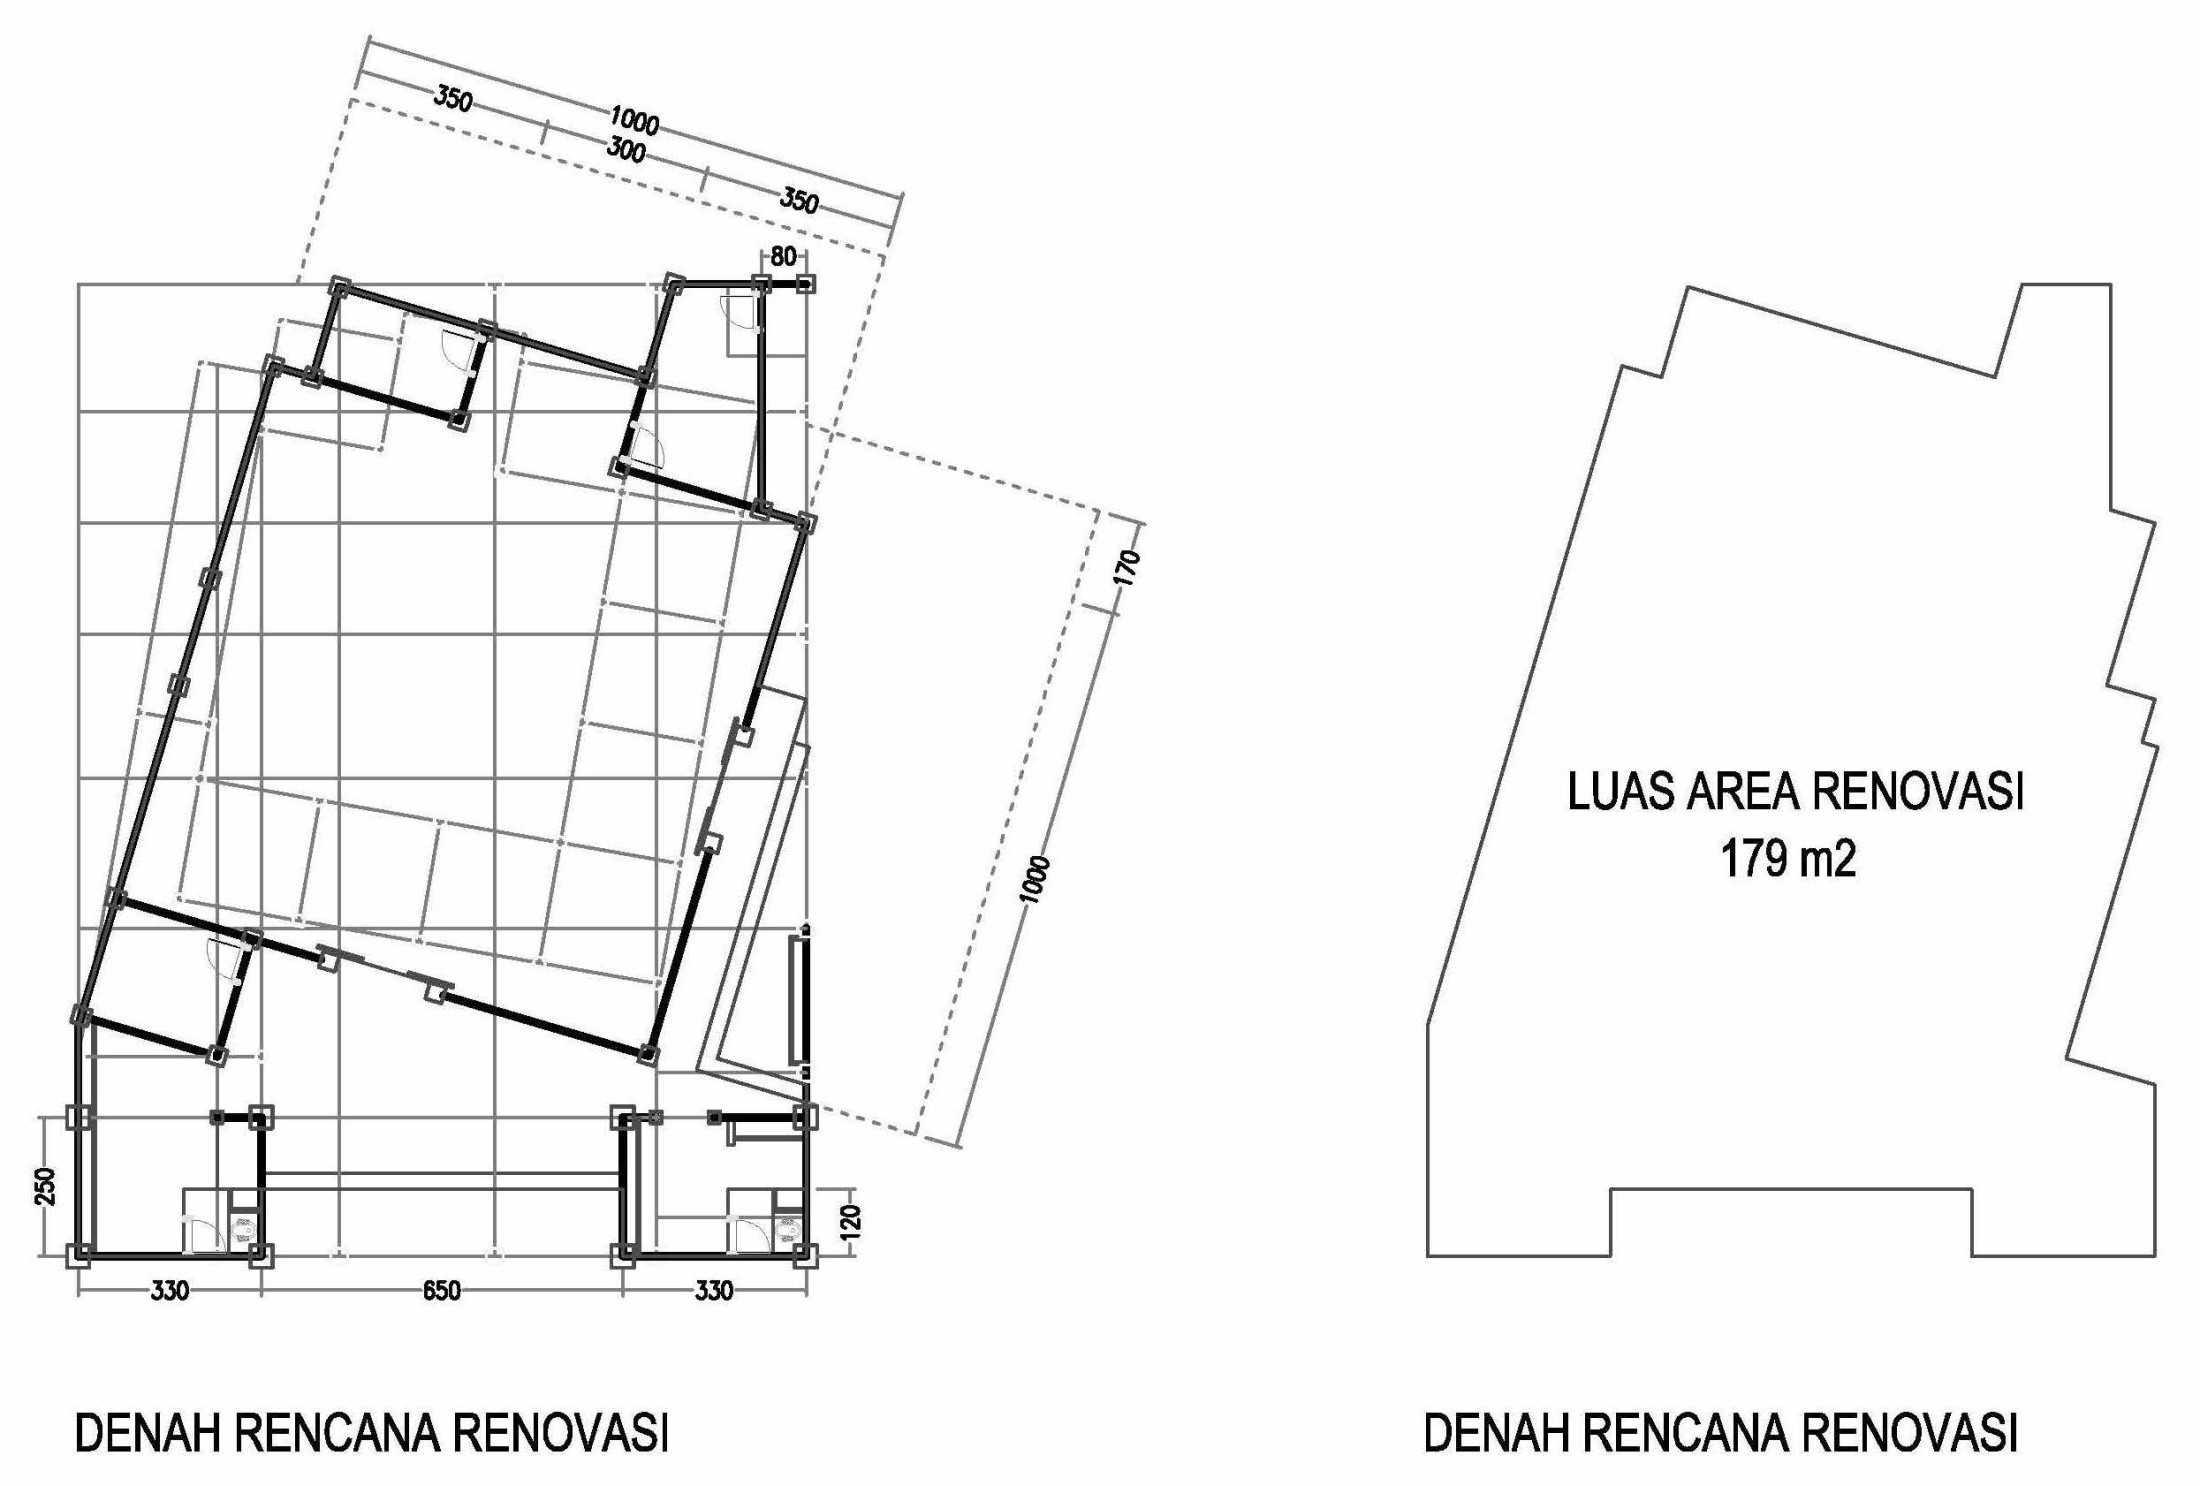 109Dpm Desain Renovasi Masjid Albarokah Kota Depok, Jawa Barat, Indonesia Kota Depok, Jawa Barat, Indonesia 109Dpm-Desain-Renovasi-Masjid-Albarokah  107916